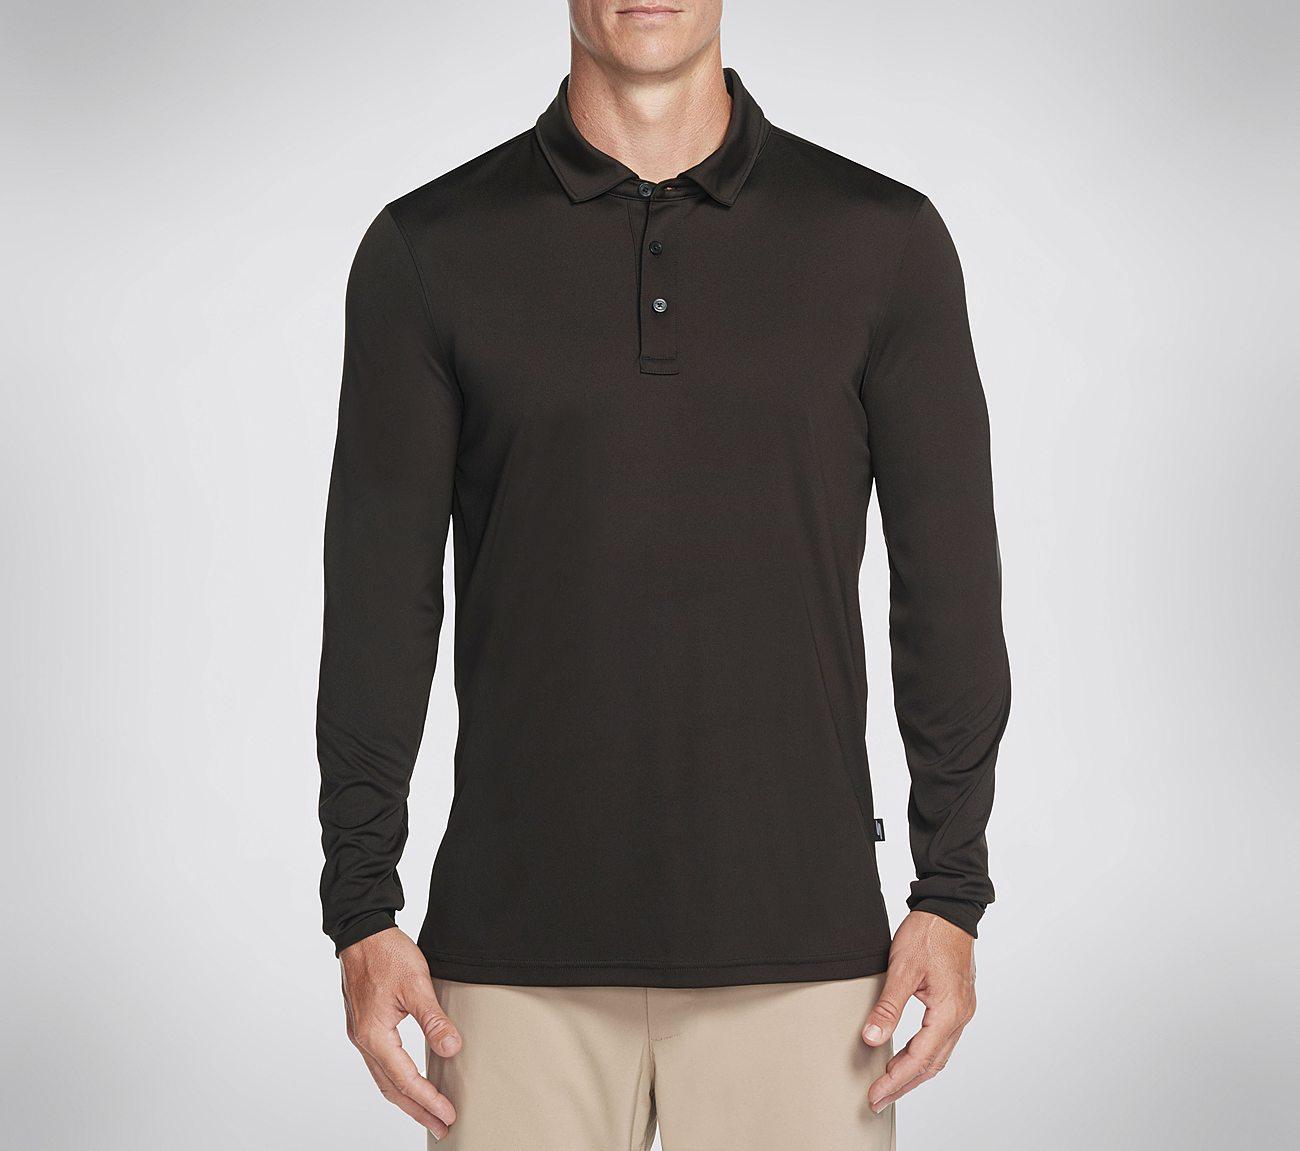 GOLF Overcast Long Sleeve Polo Shirt